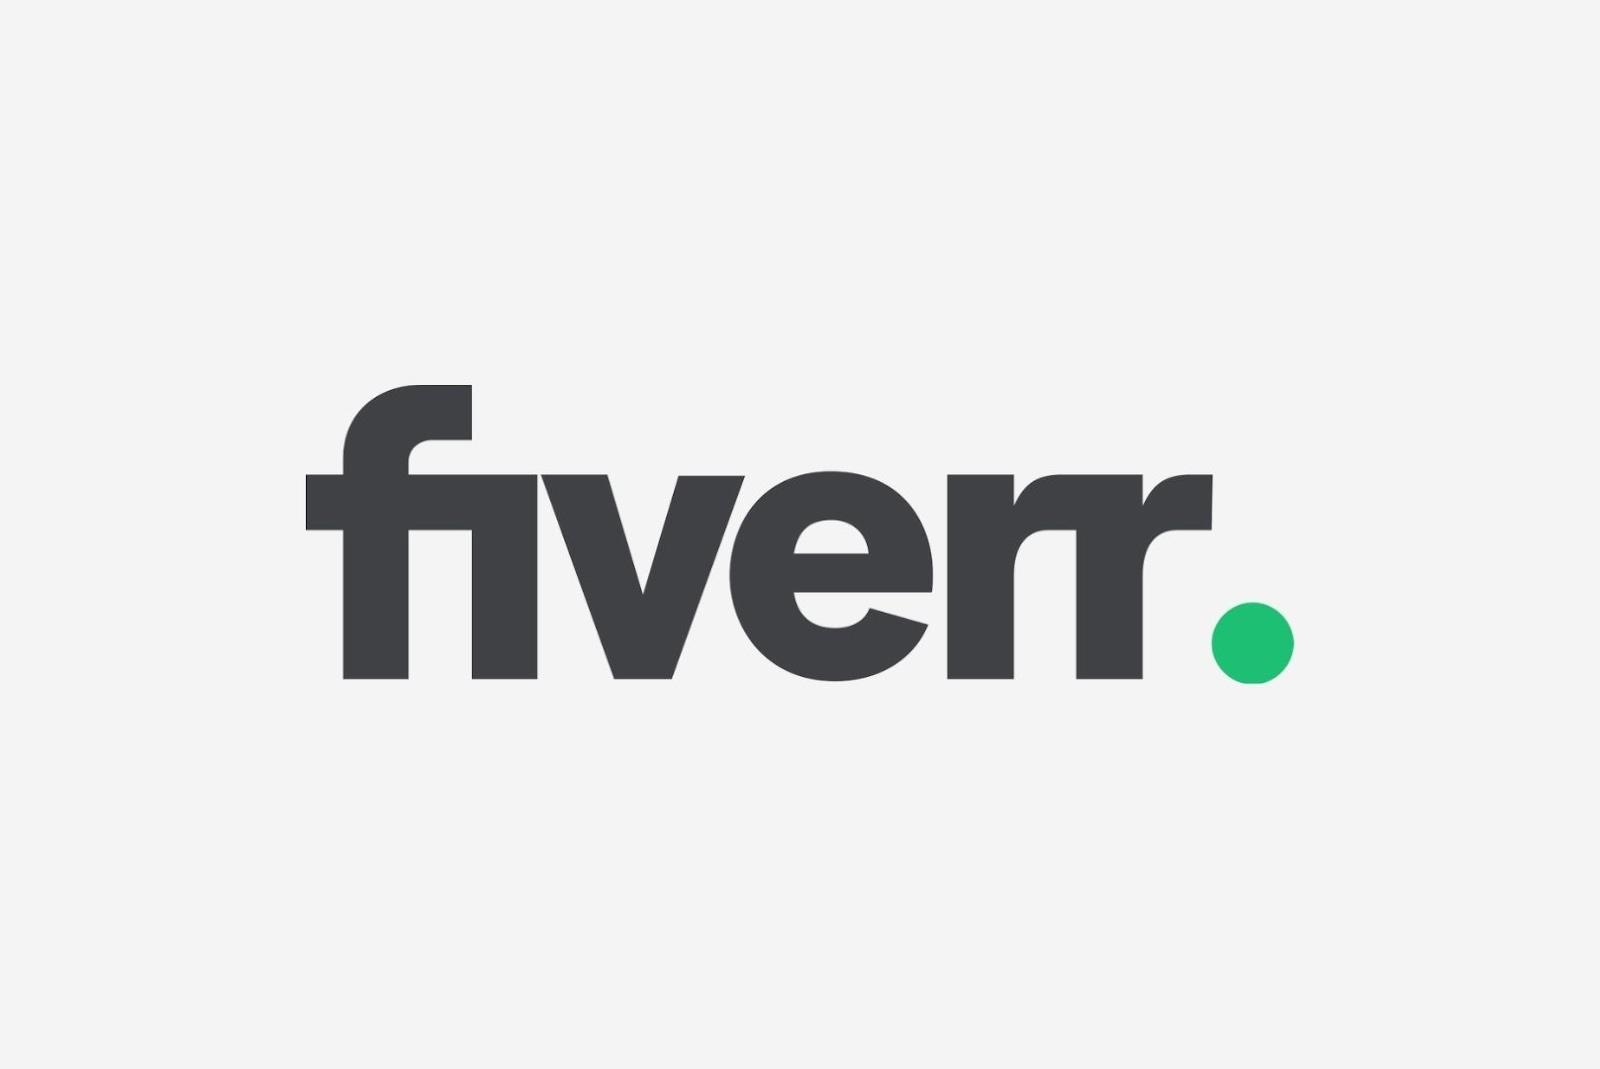 fiverr where to hire developer